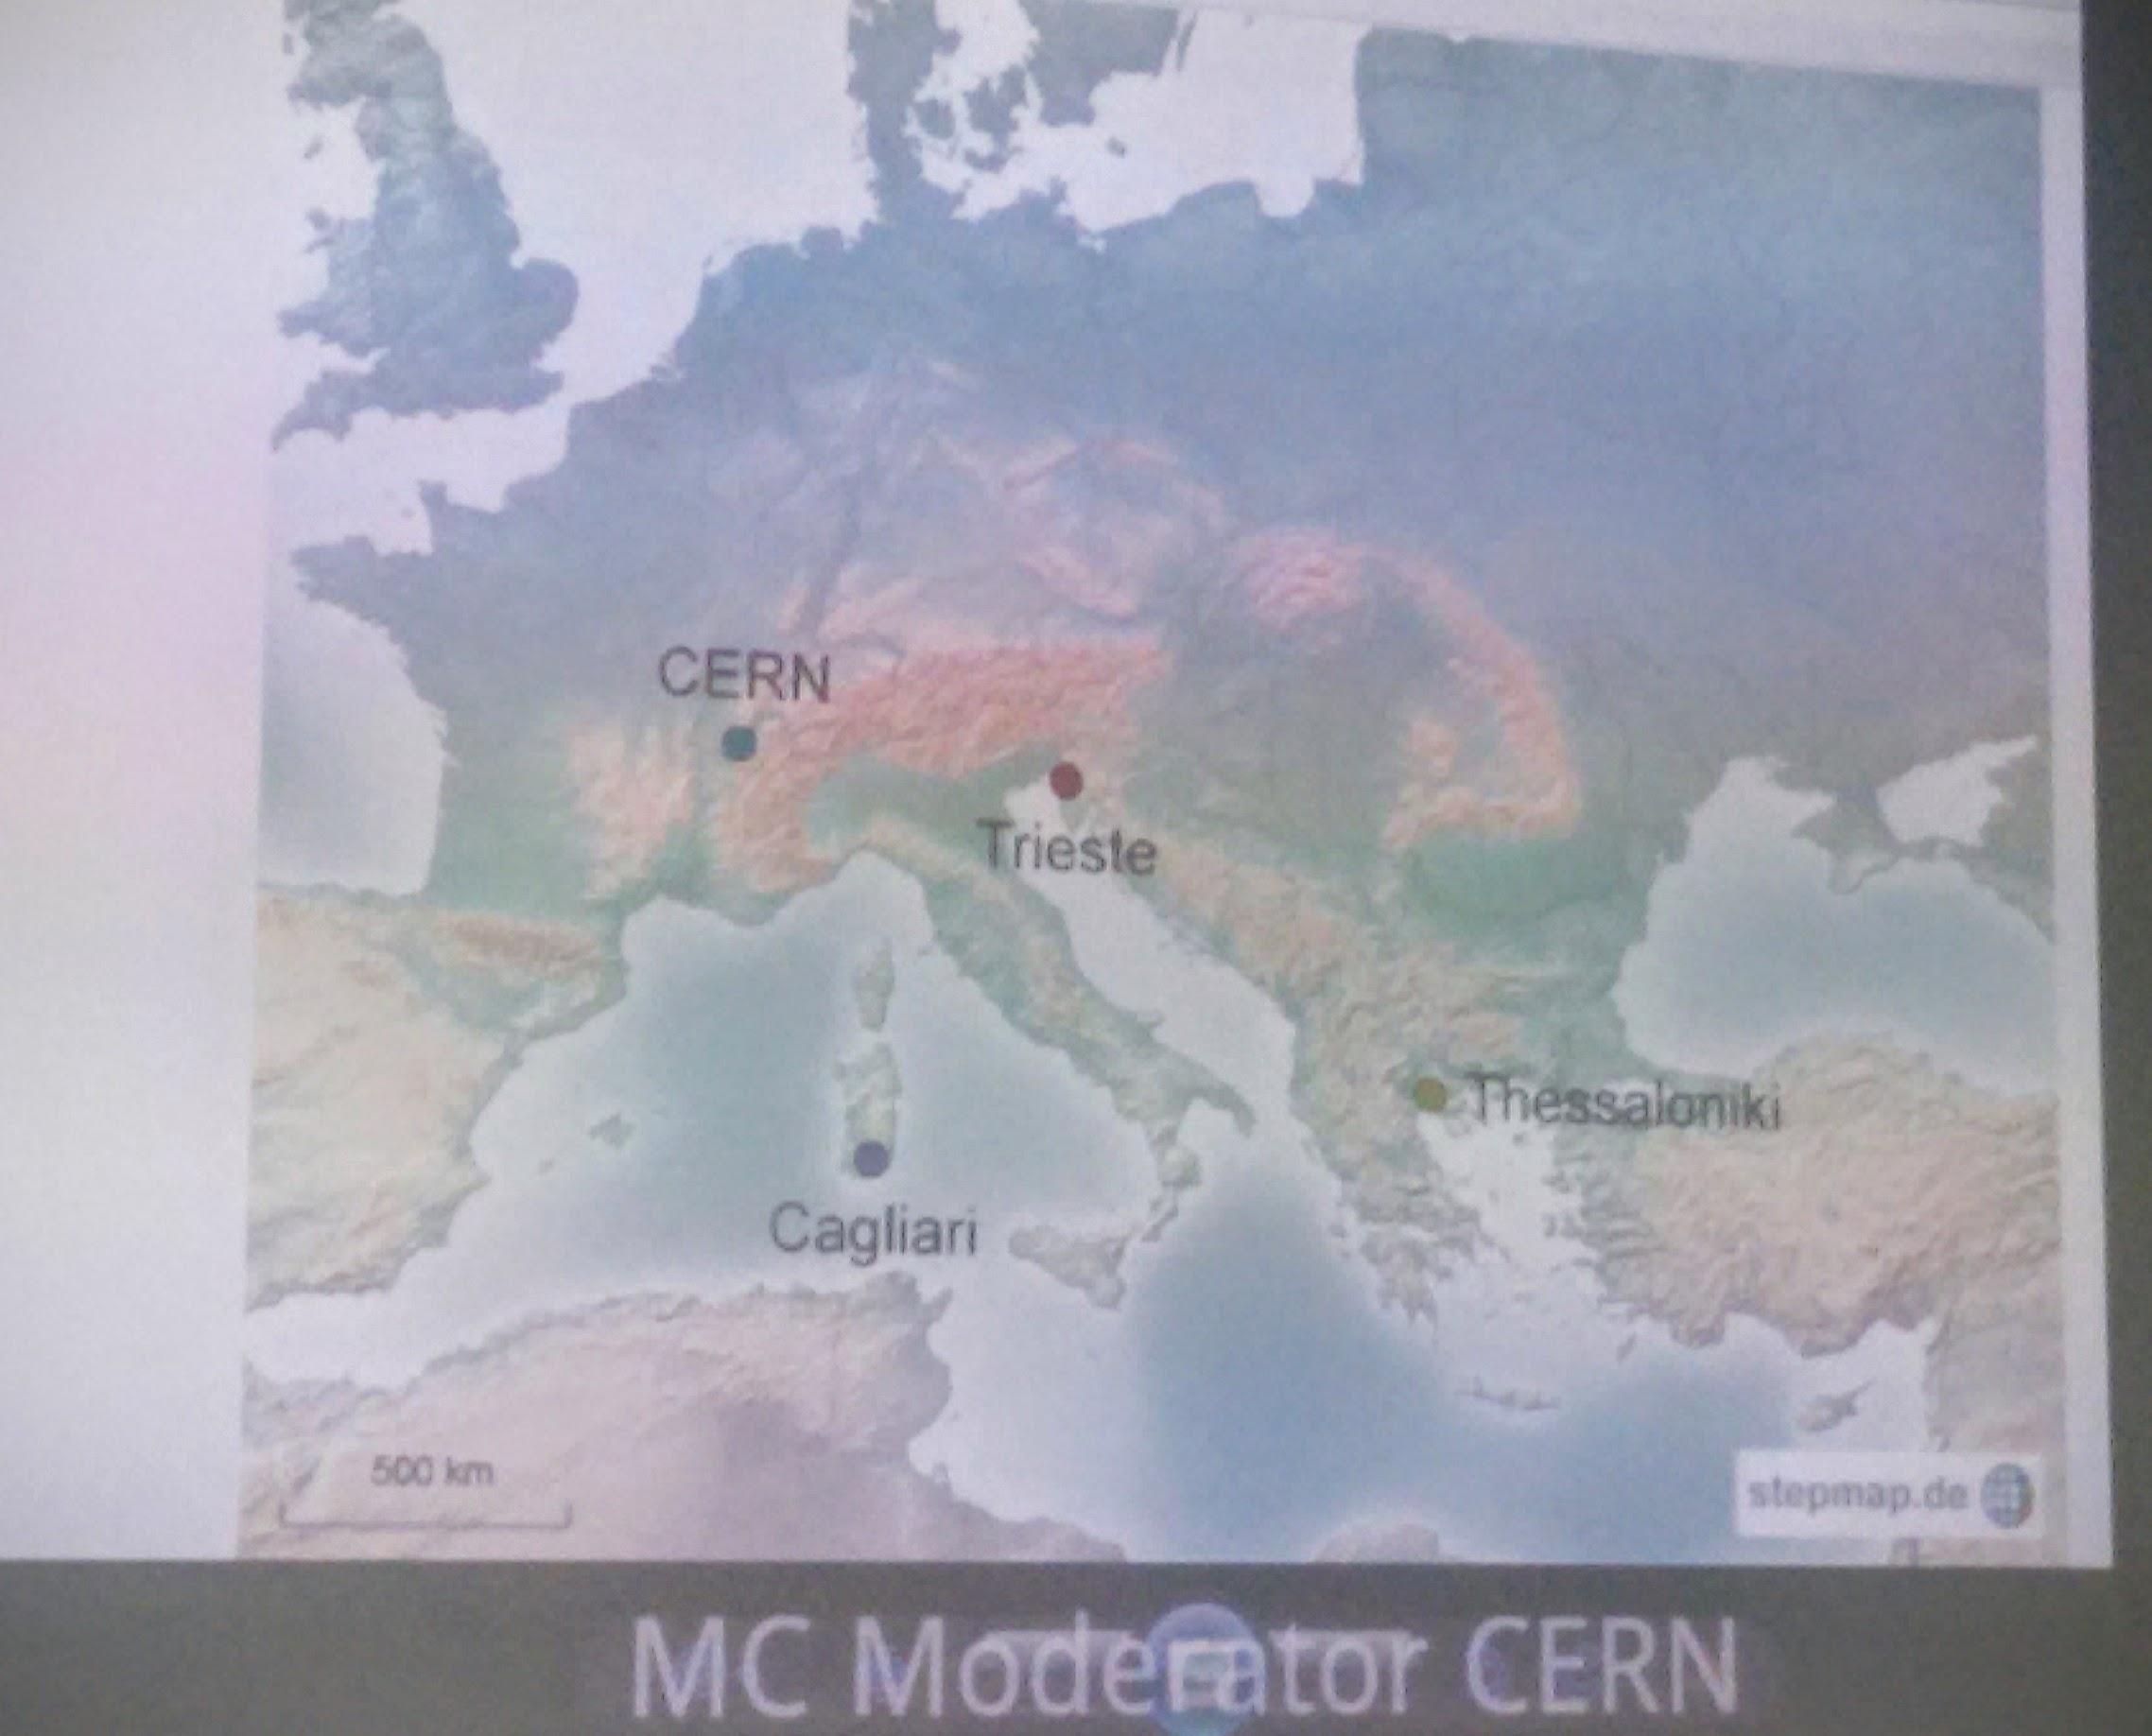 Le sedi collegate: Cagliari, Trieste e Thessaloniki